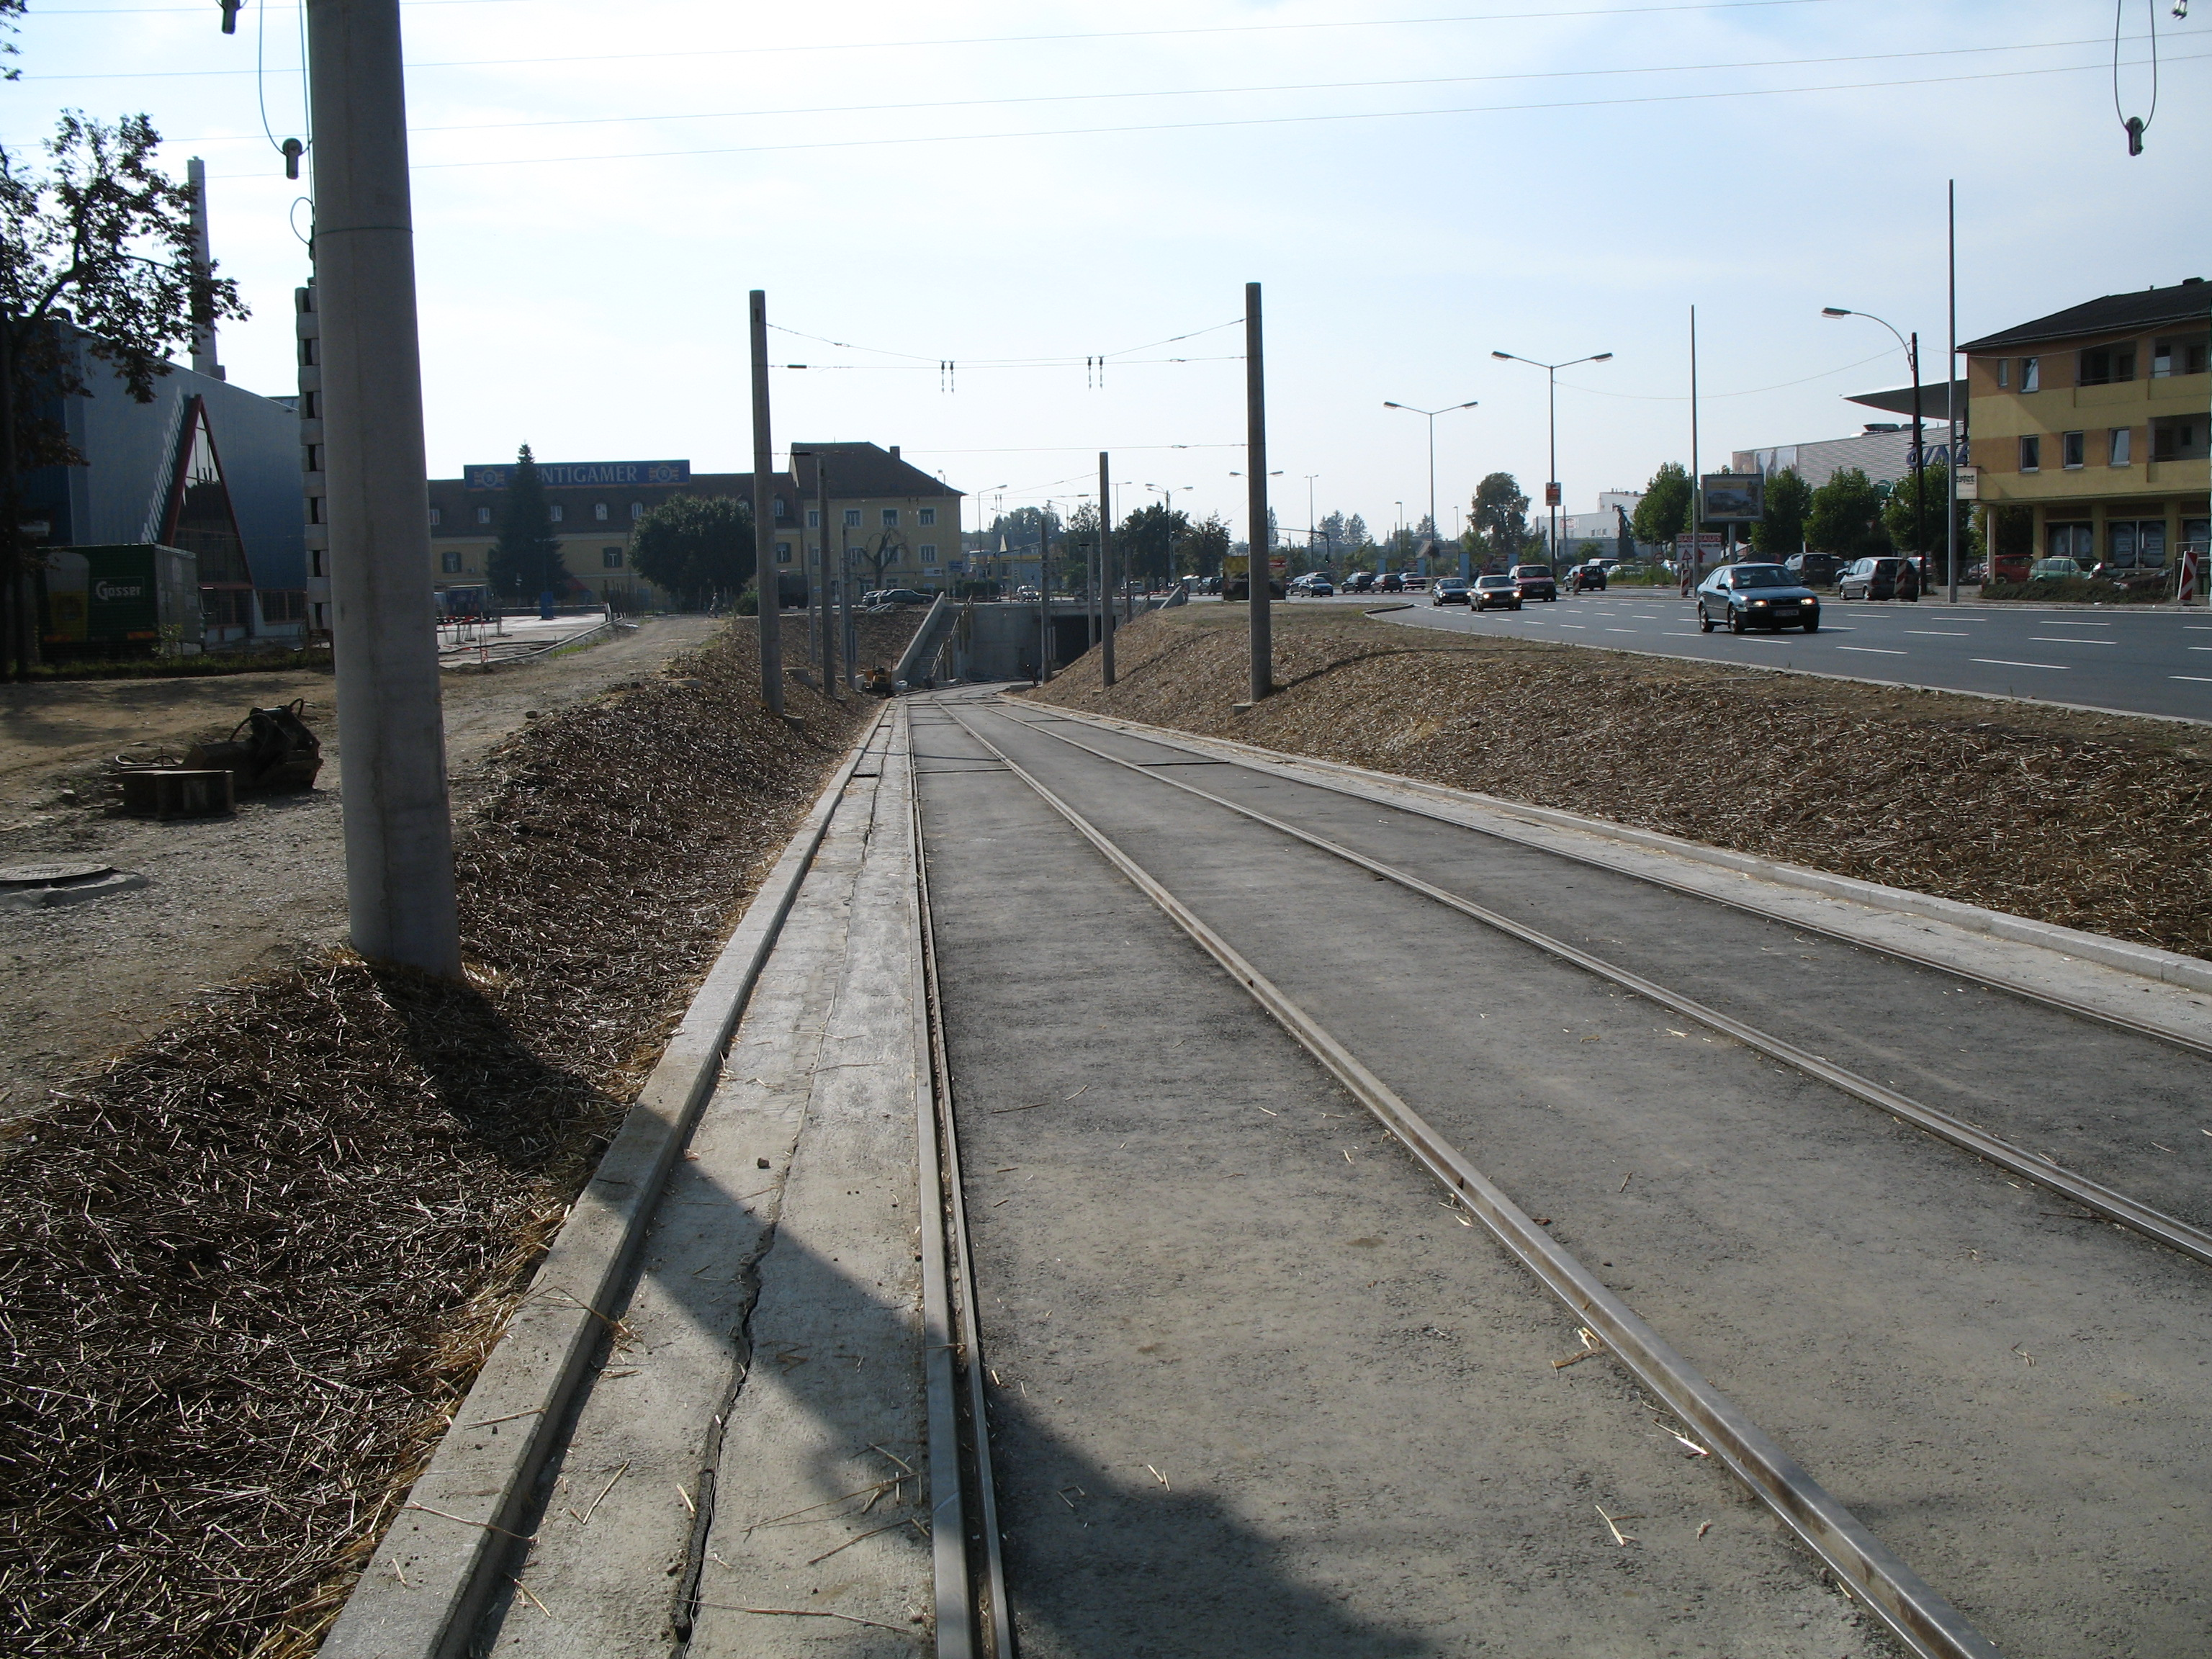 Verlängerung der Linie 5 zur NVD PuntigamVerlängerung der Linie 5 zur NVD Puntigam